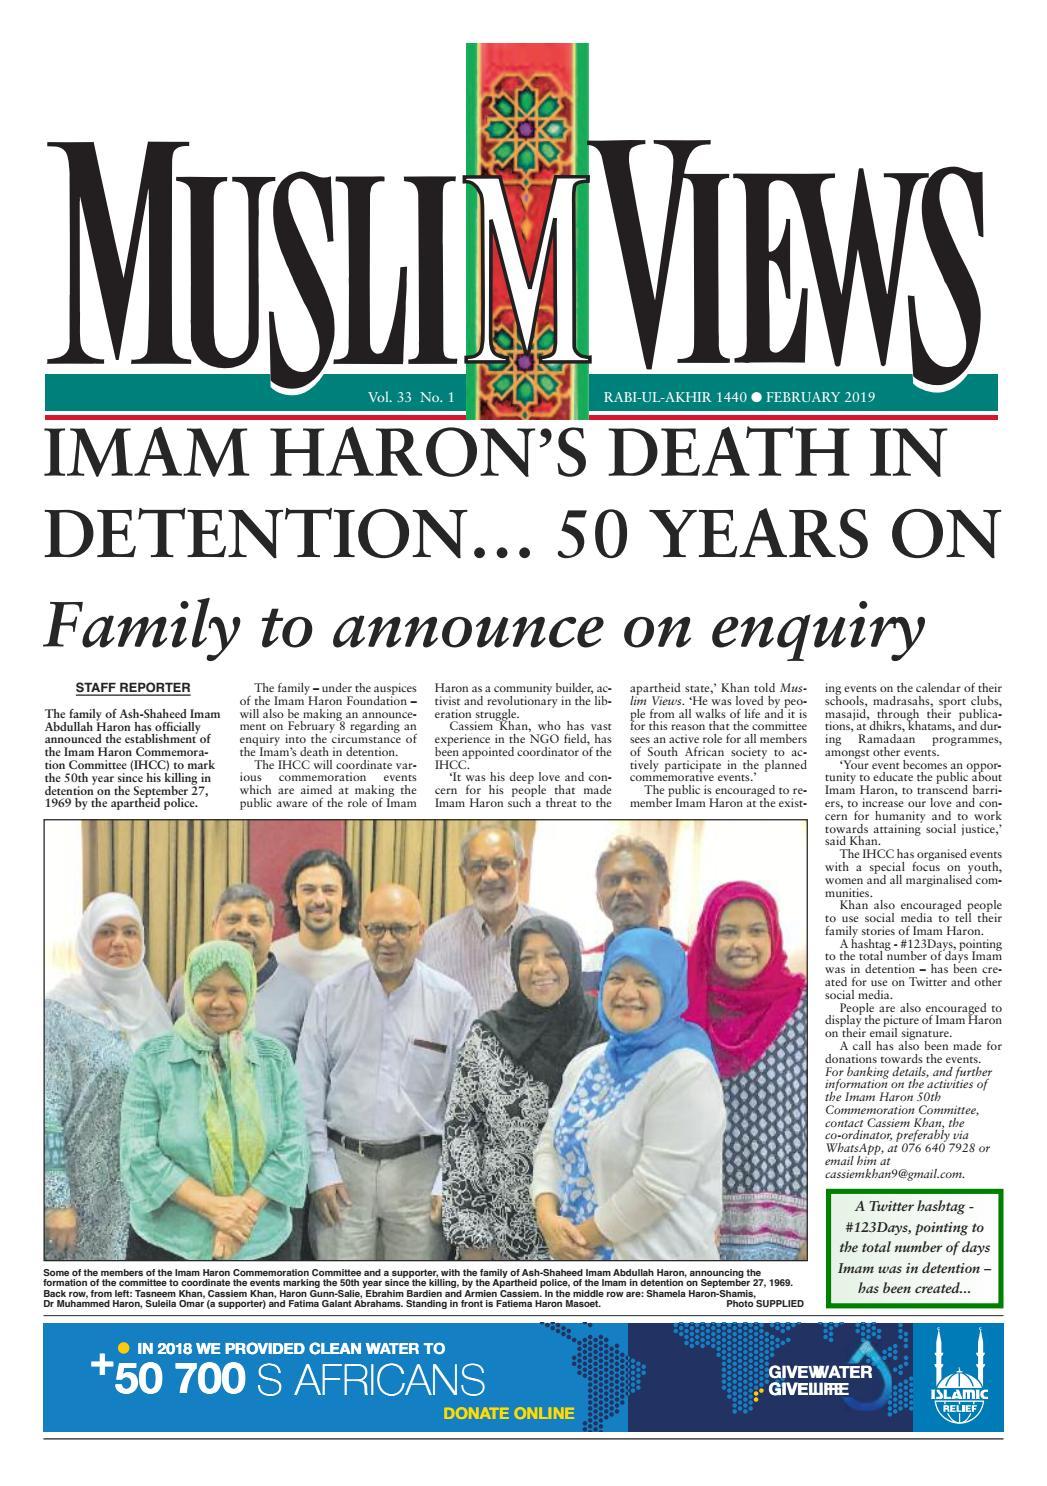 Muslim Views, February 2019 [vol  33 no  1] by Muslim Views